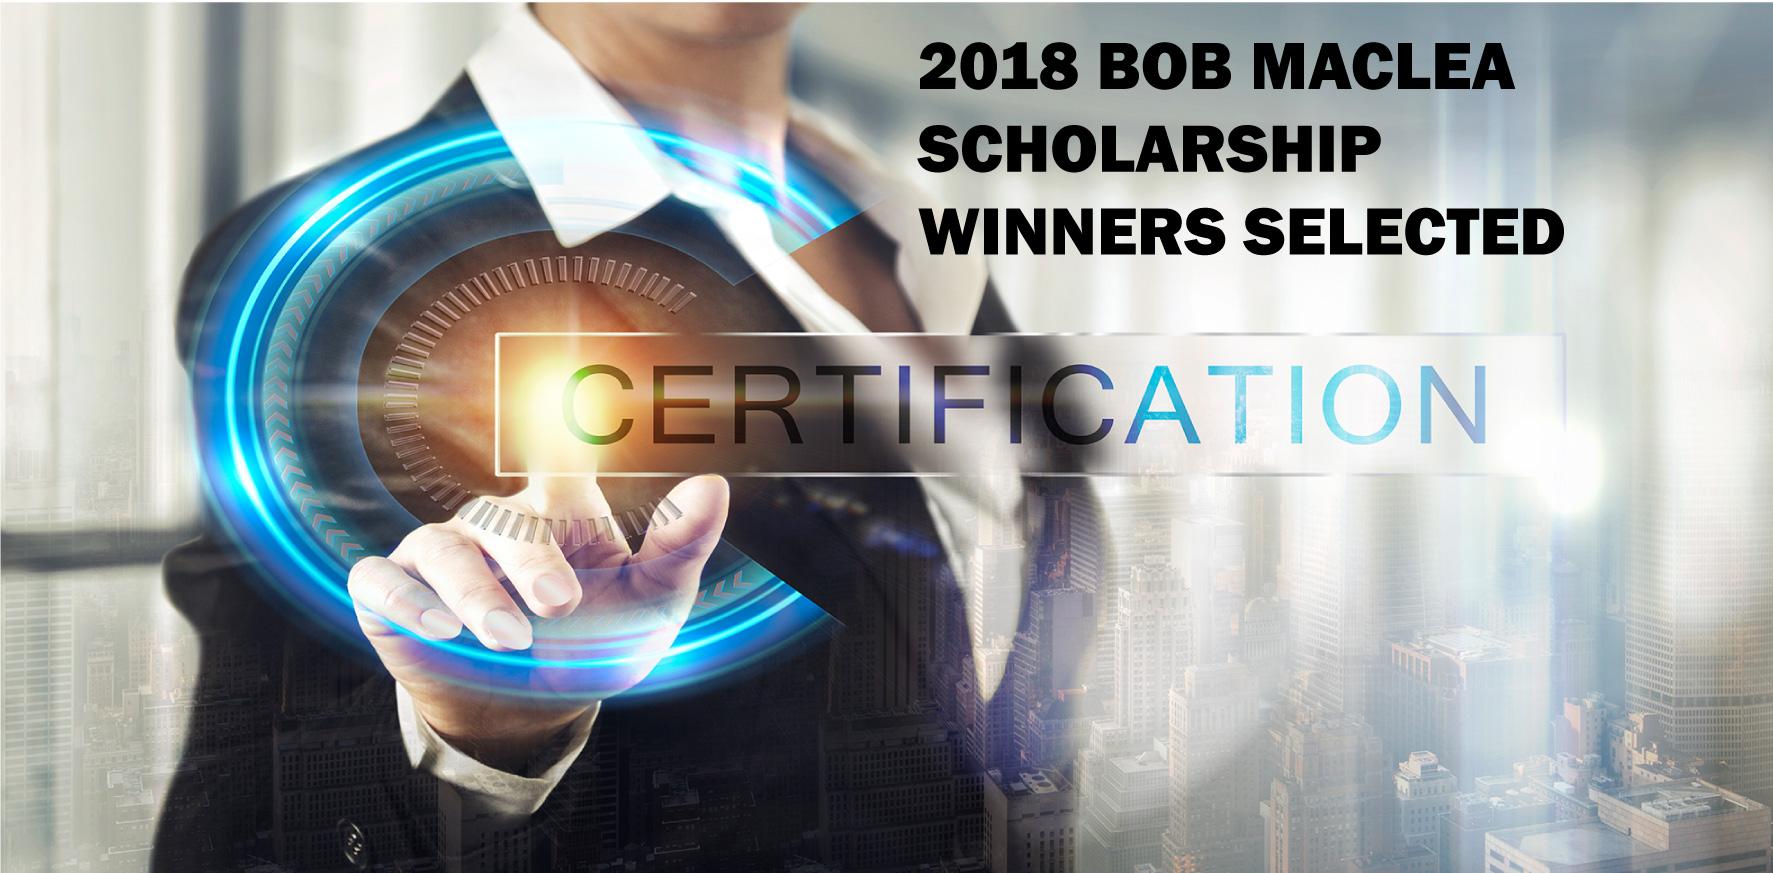 Bob MacLea Scholarship Winners